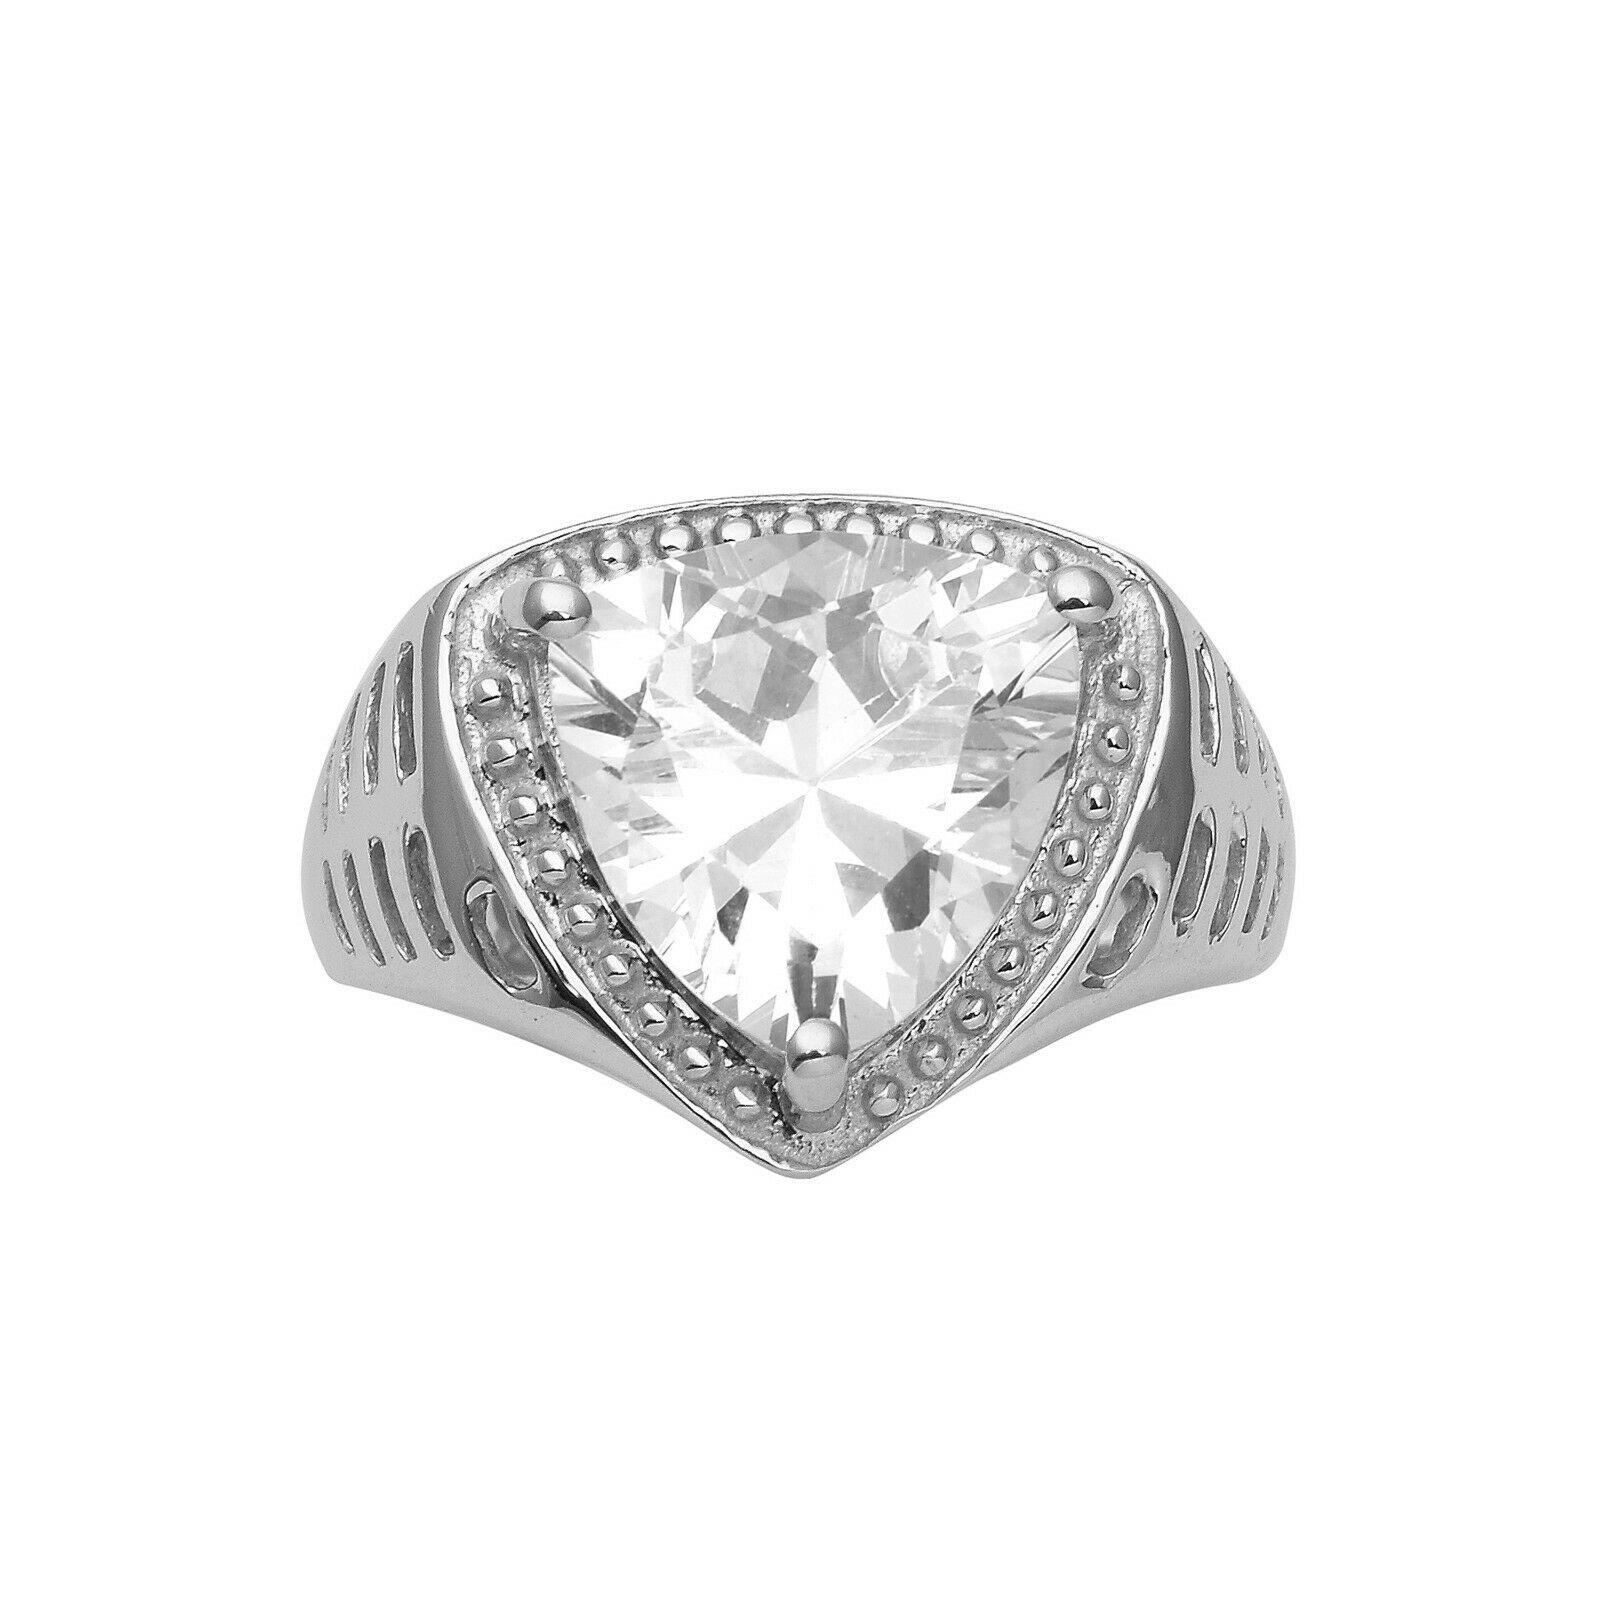 925 Fine Silver Trillion Shape White Cubic Zircon Solitaire Engagement Ring